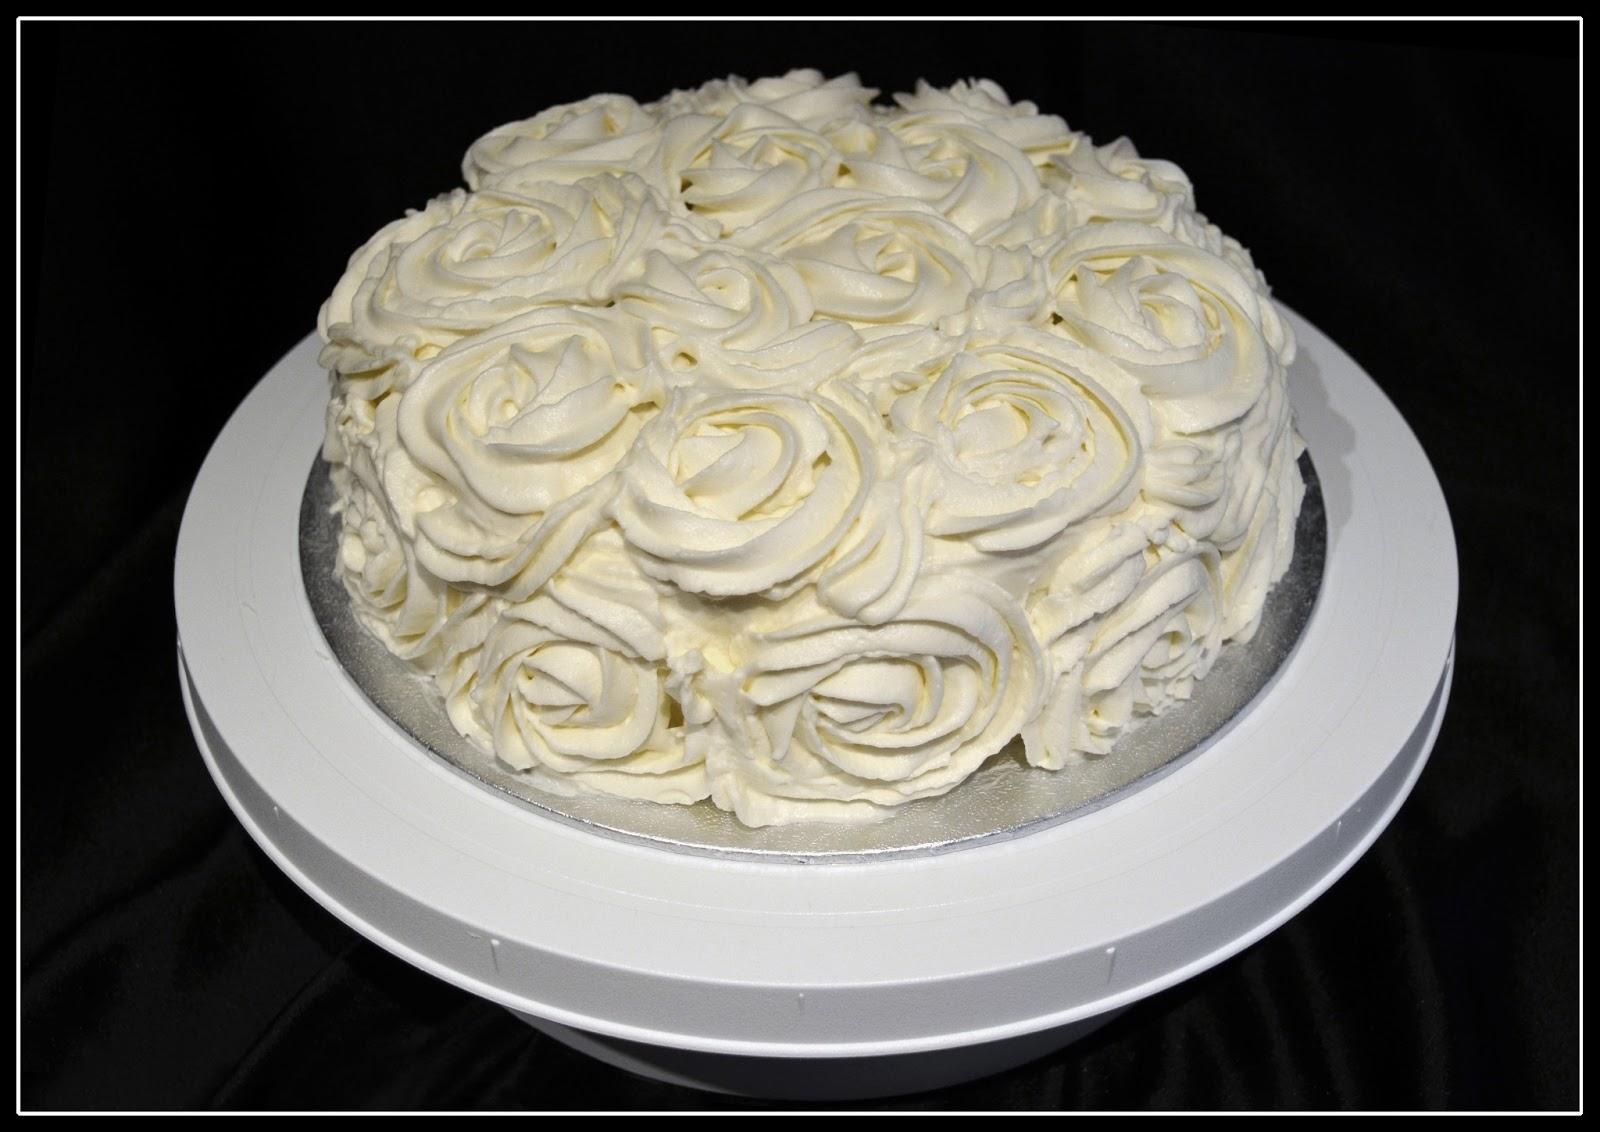 M s que cupcakes red velvet cake - Tarta red velvet alma obregon ...